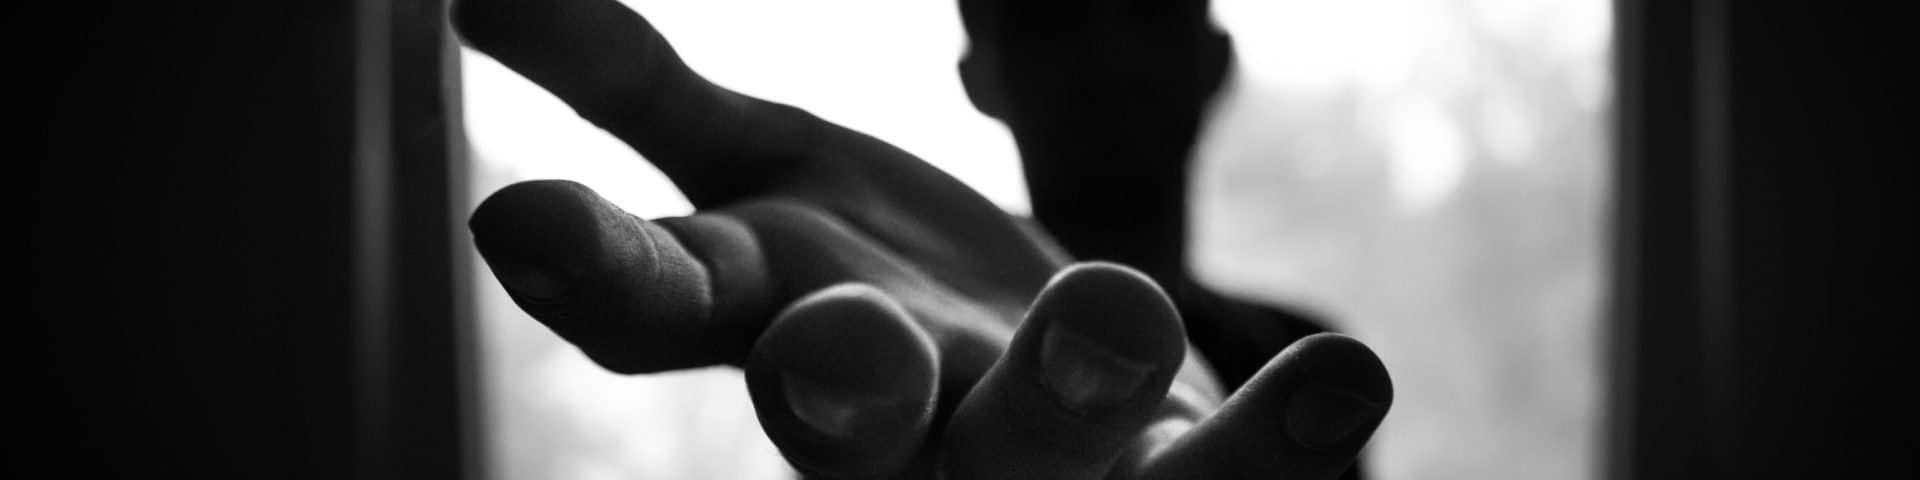 Verdeckte Narzissten benutzen diese 3 hinterhältigen Techniken, um dich zu entmutigen und zu erniedrigen